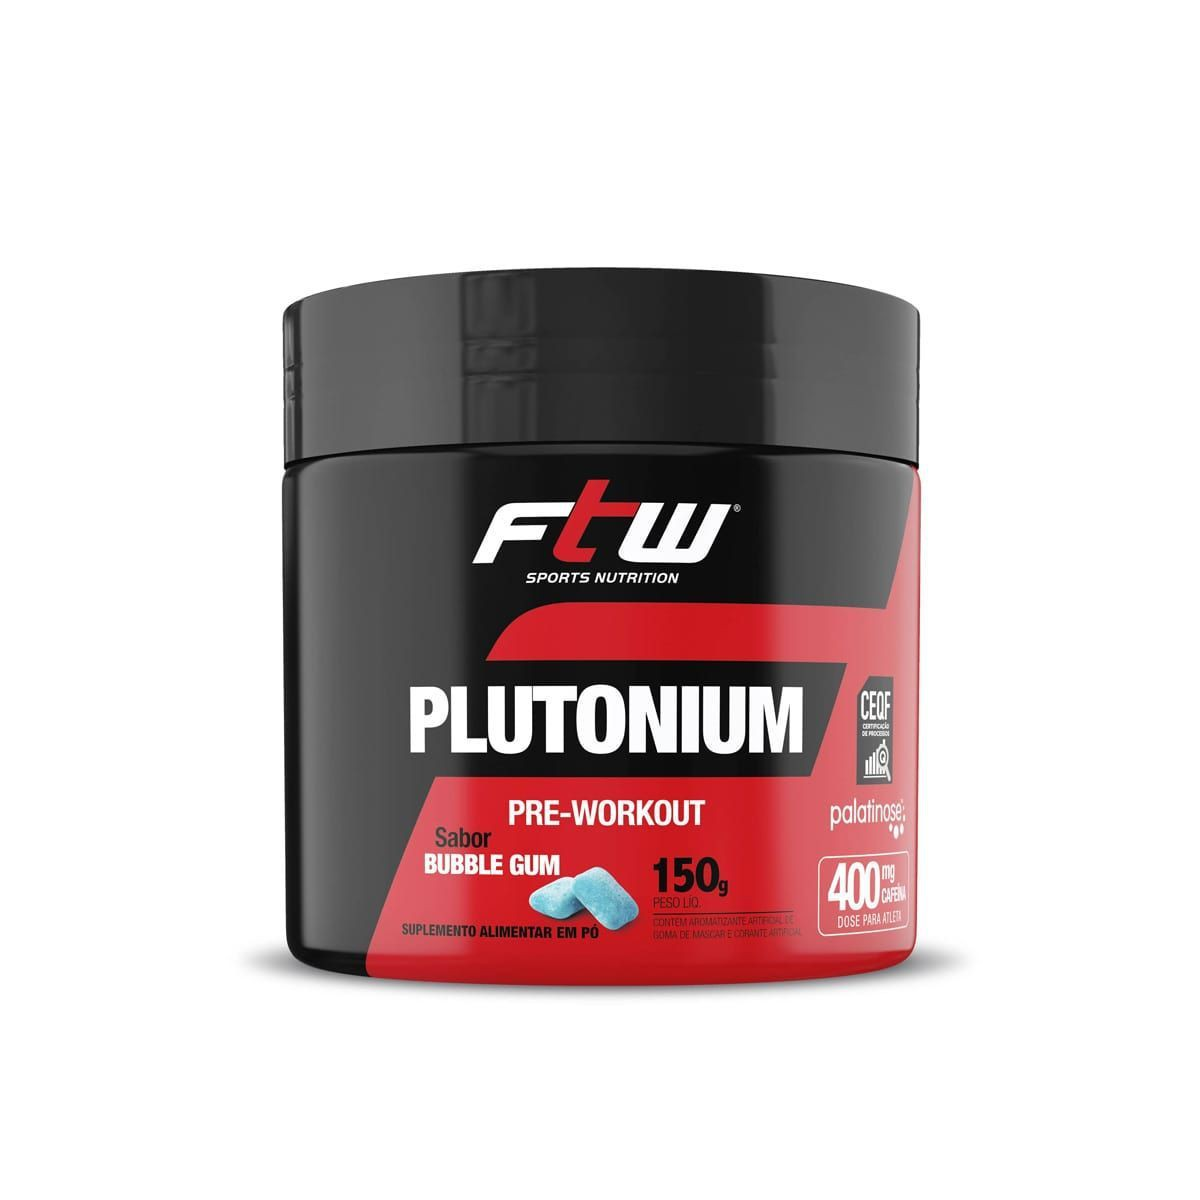 PLUTONIUM PRÉ-WORKOUT 150G|FTW